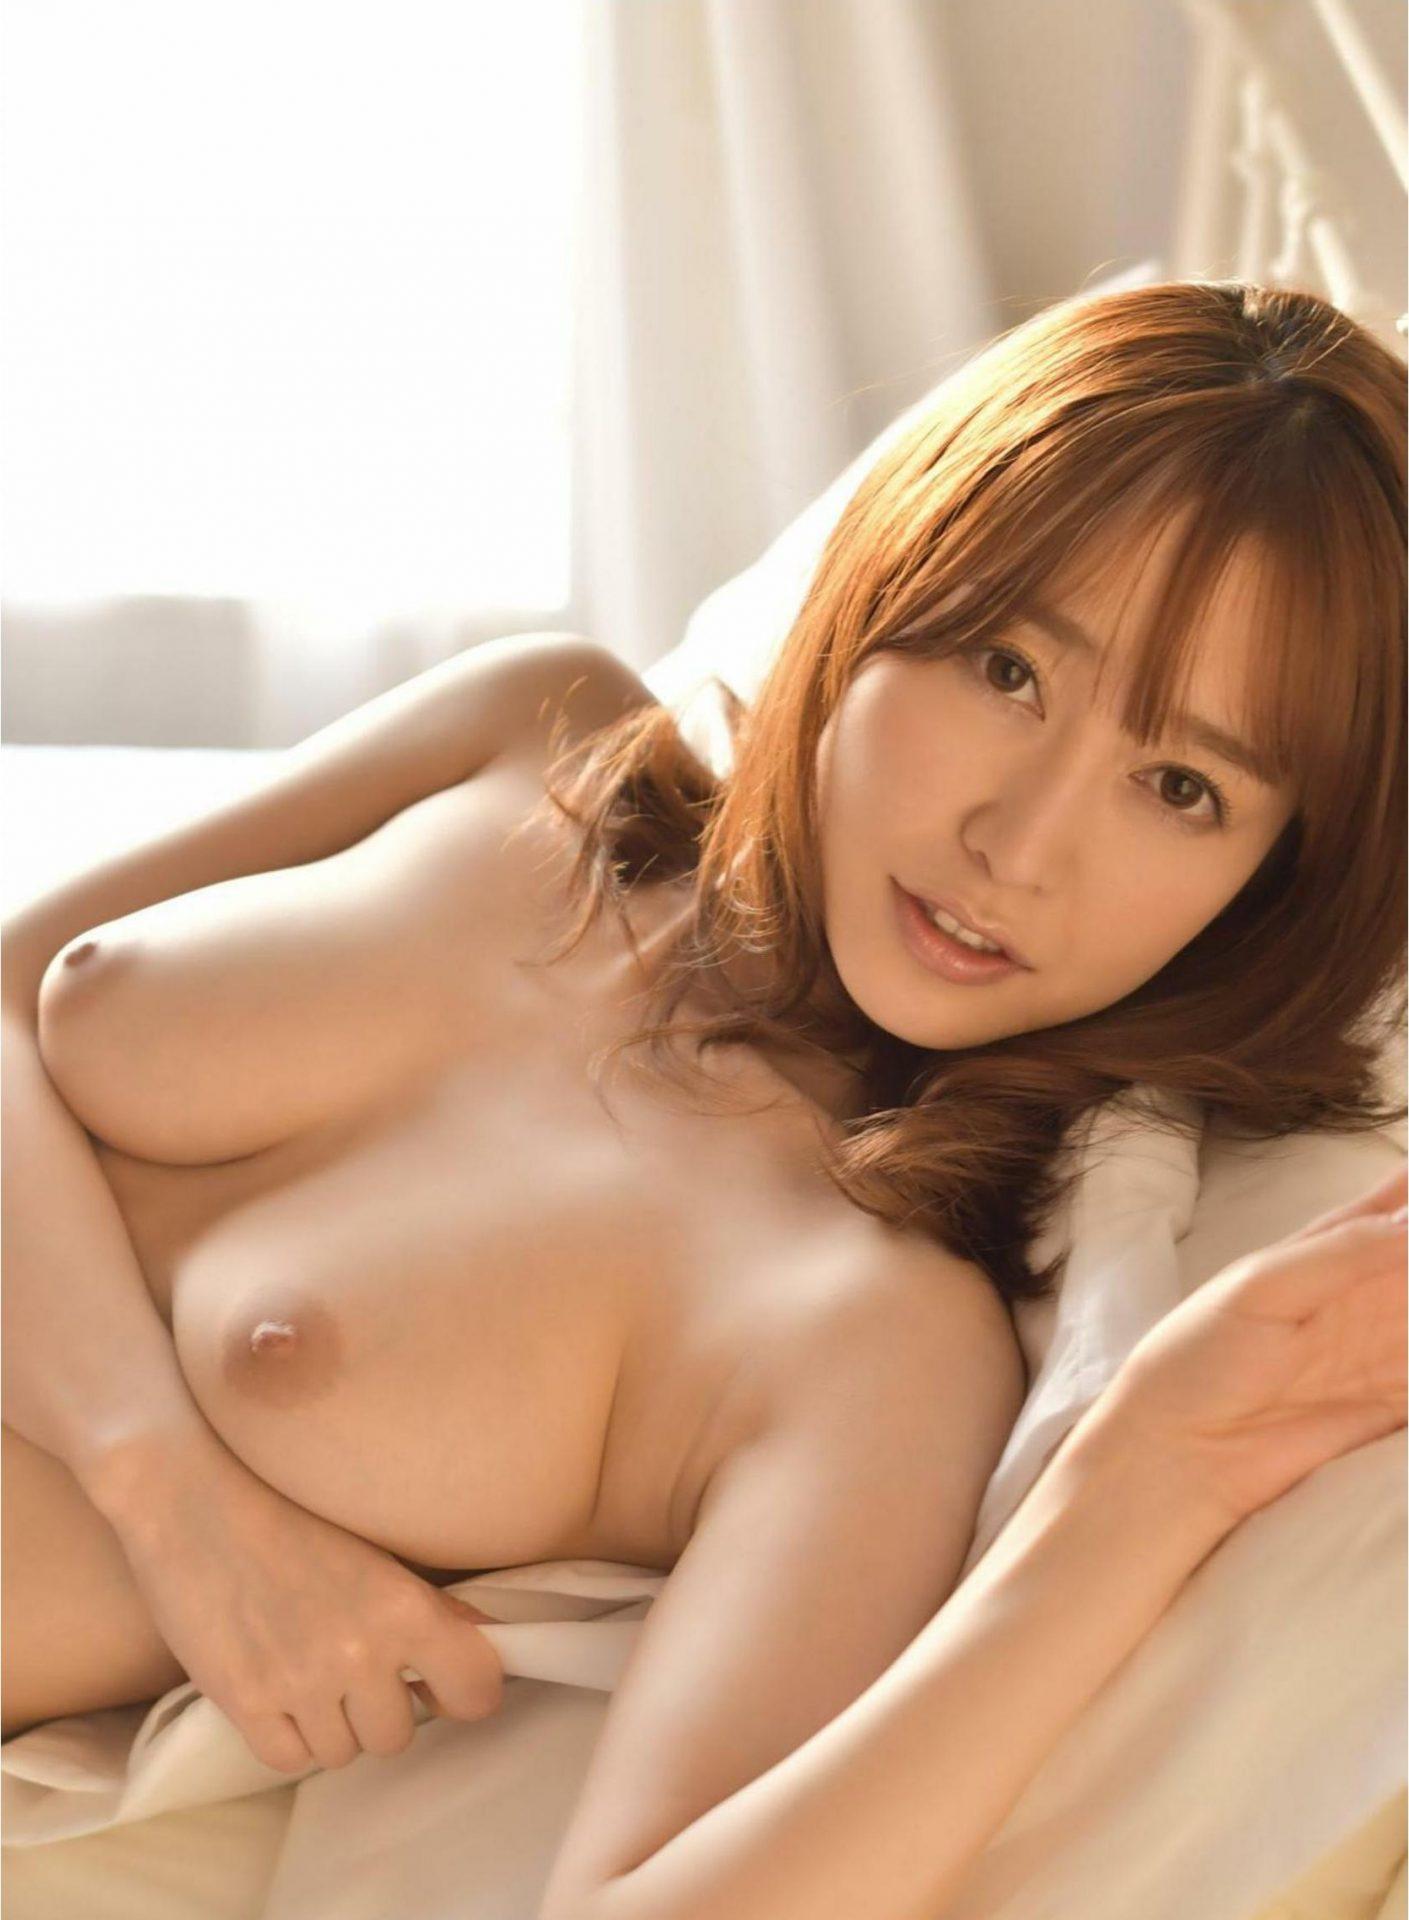 三次元 3次元 エロ画像 AV女優 篠田ゆう ヌード べっぴん娘通信 072